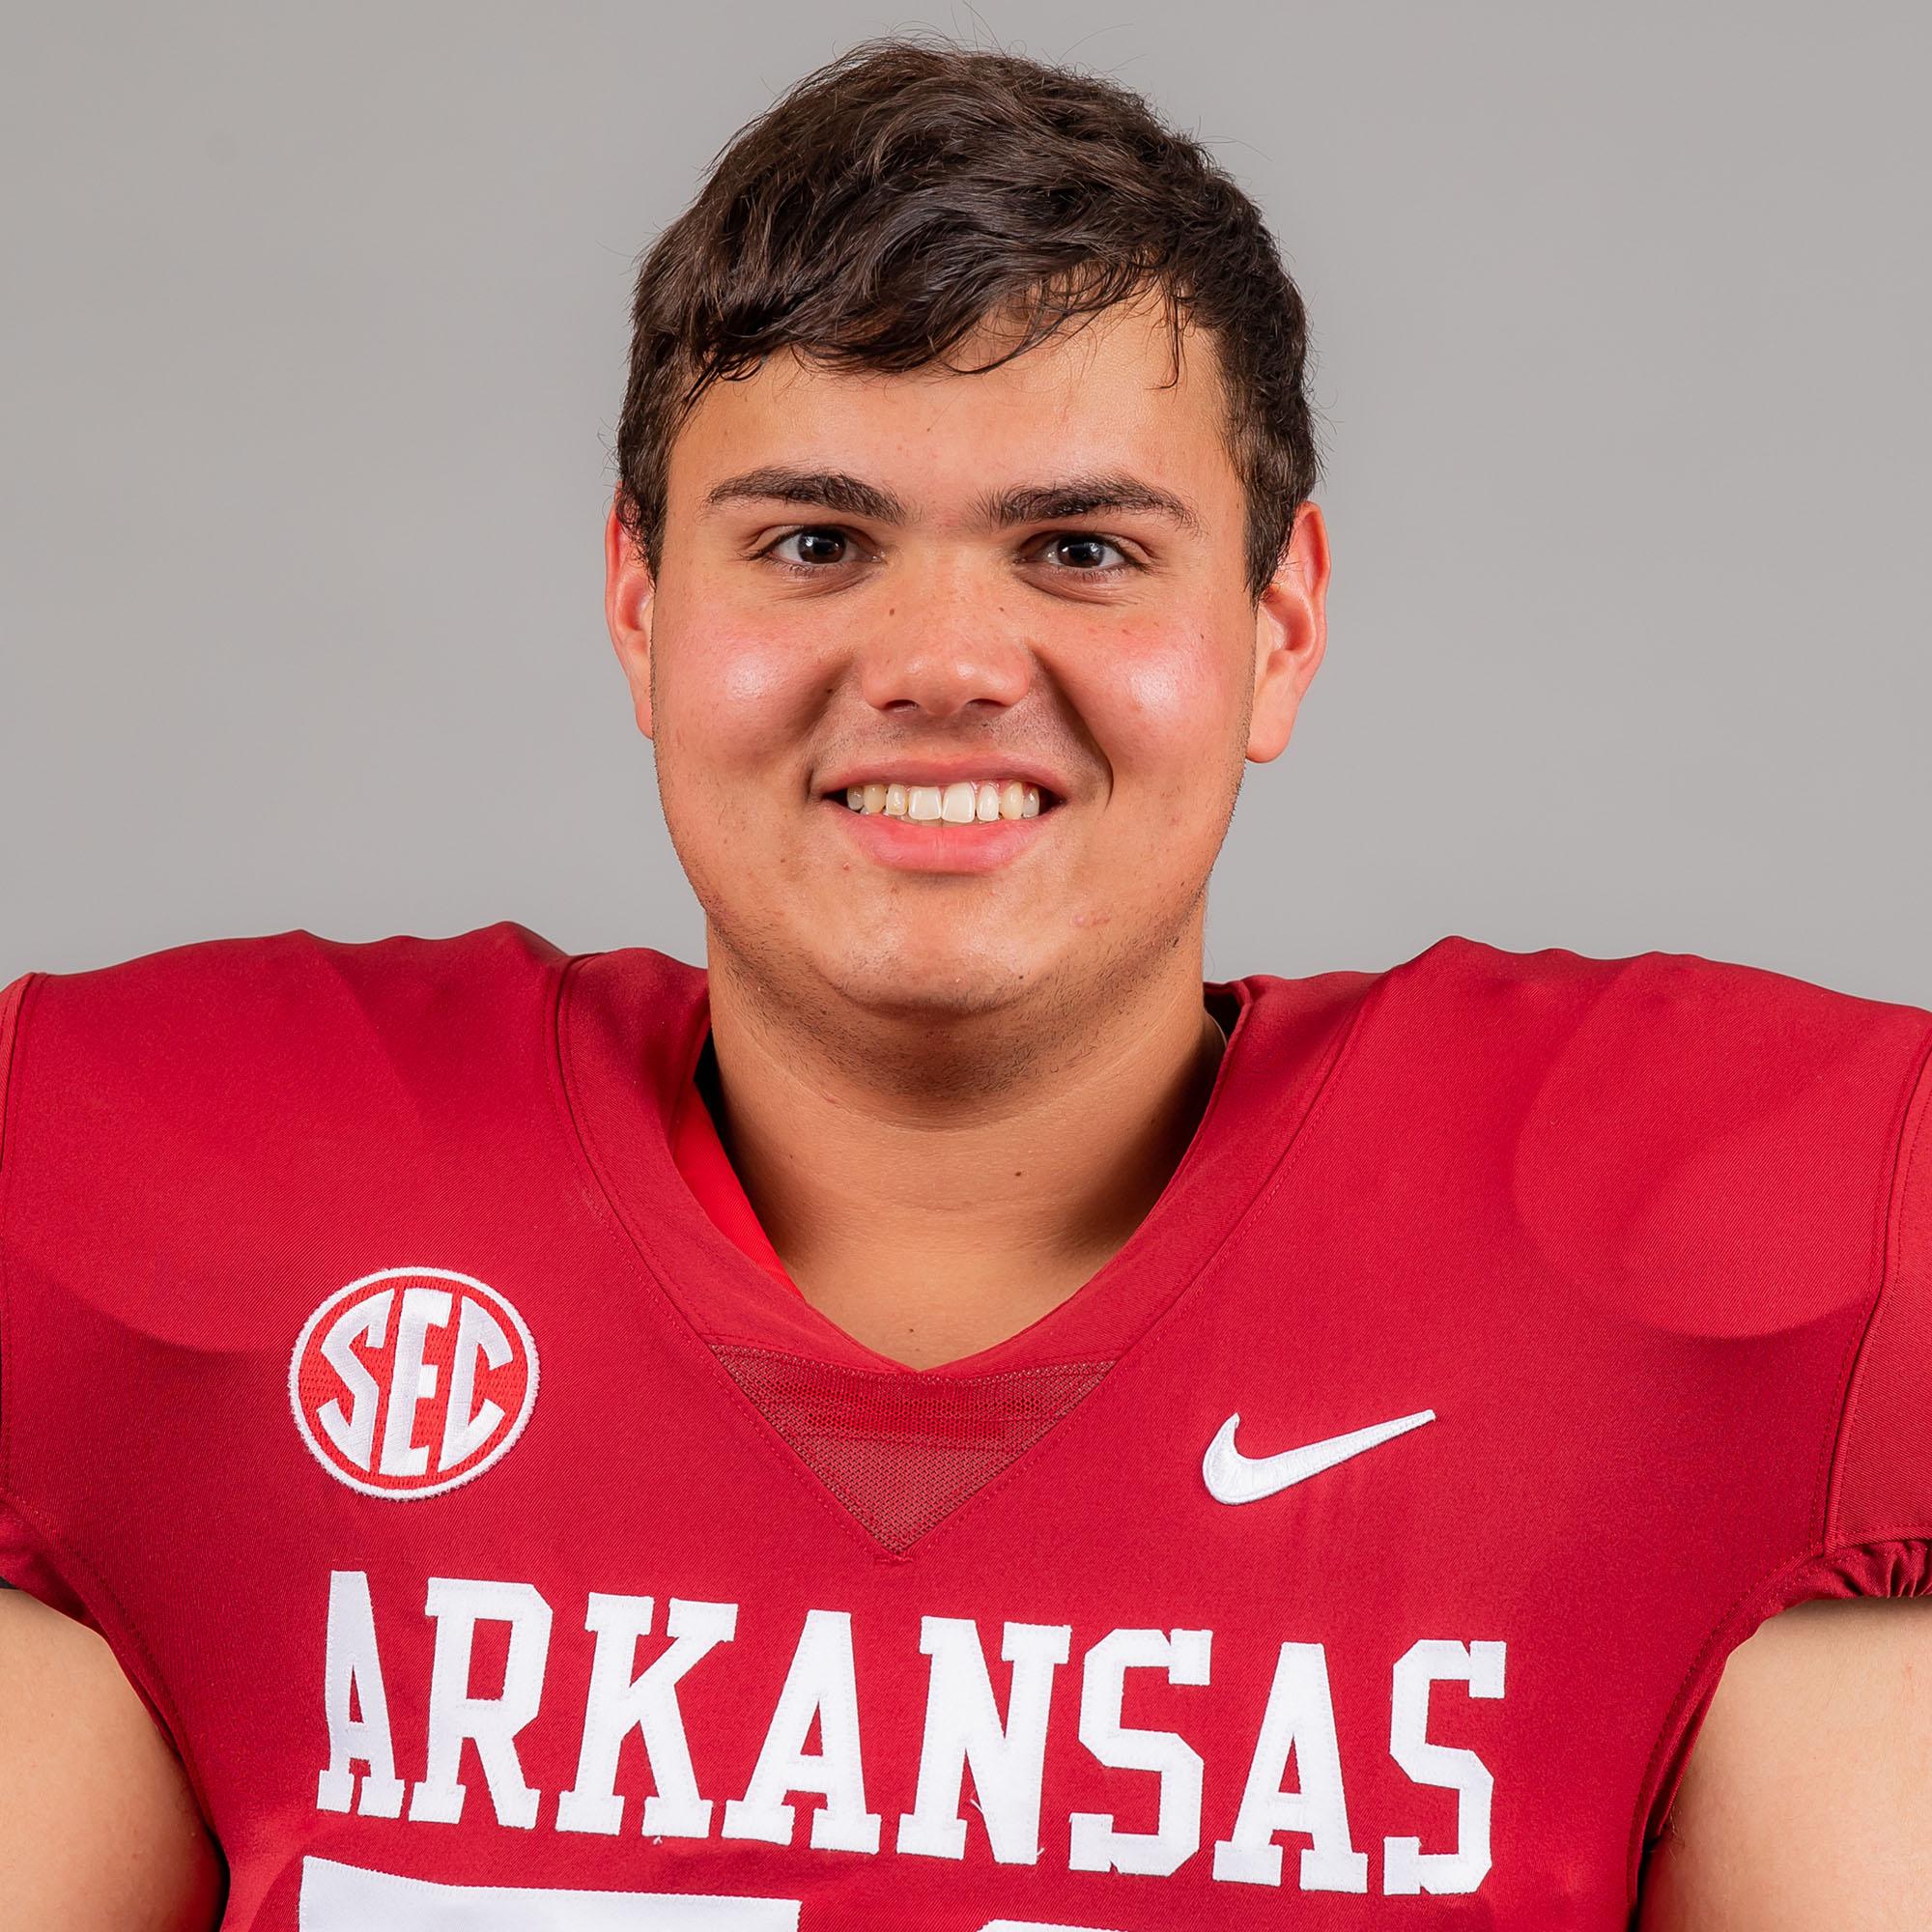 John Oehrlein - Football - Arkansas Razorbacks